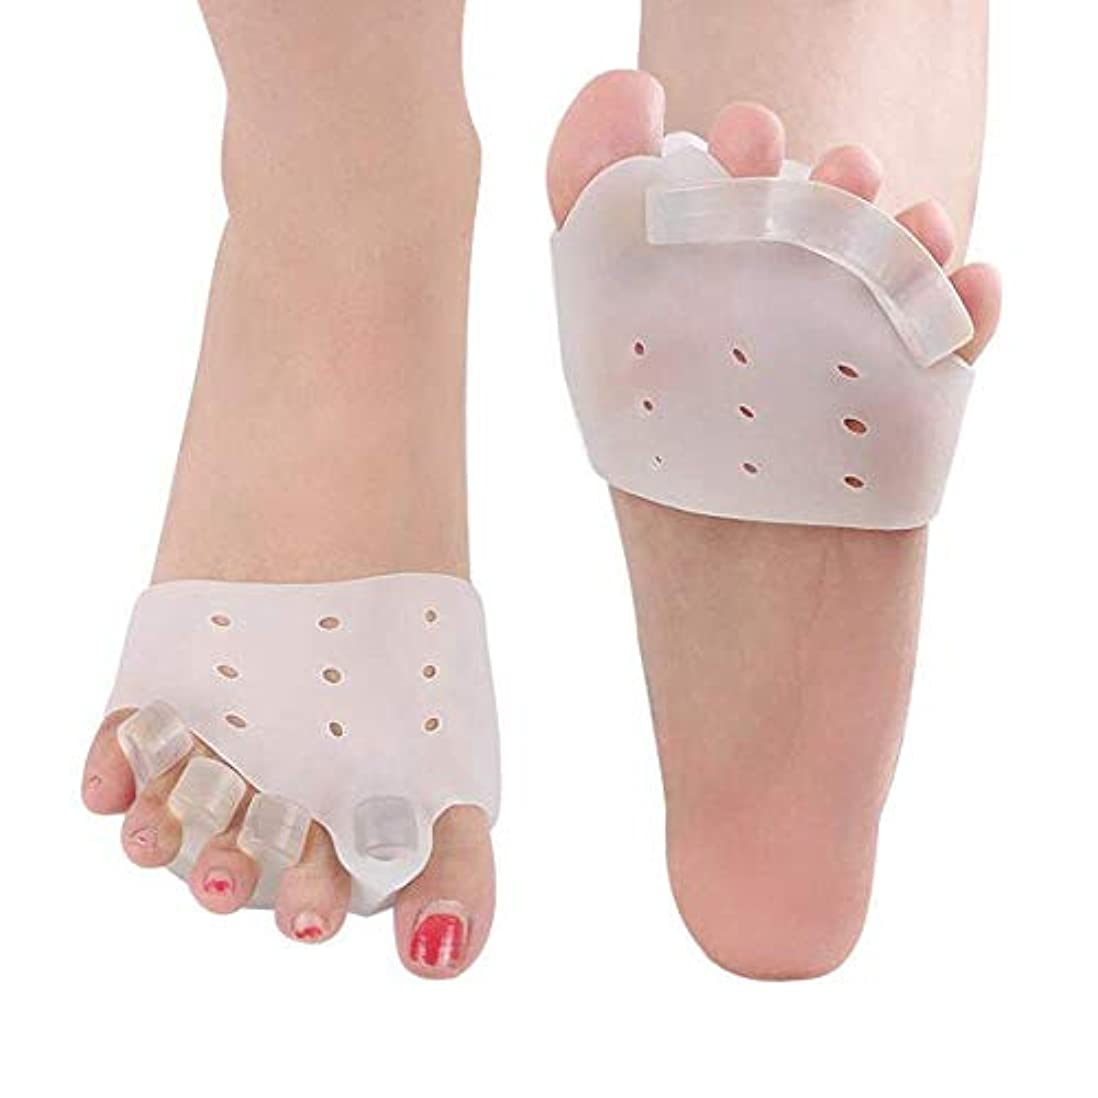 補助金加速度きらめき足裏保護パッド足指 パッド 2ペア